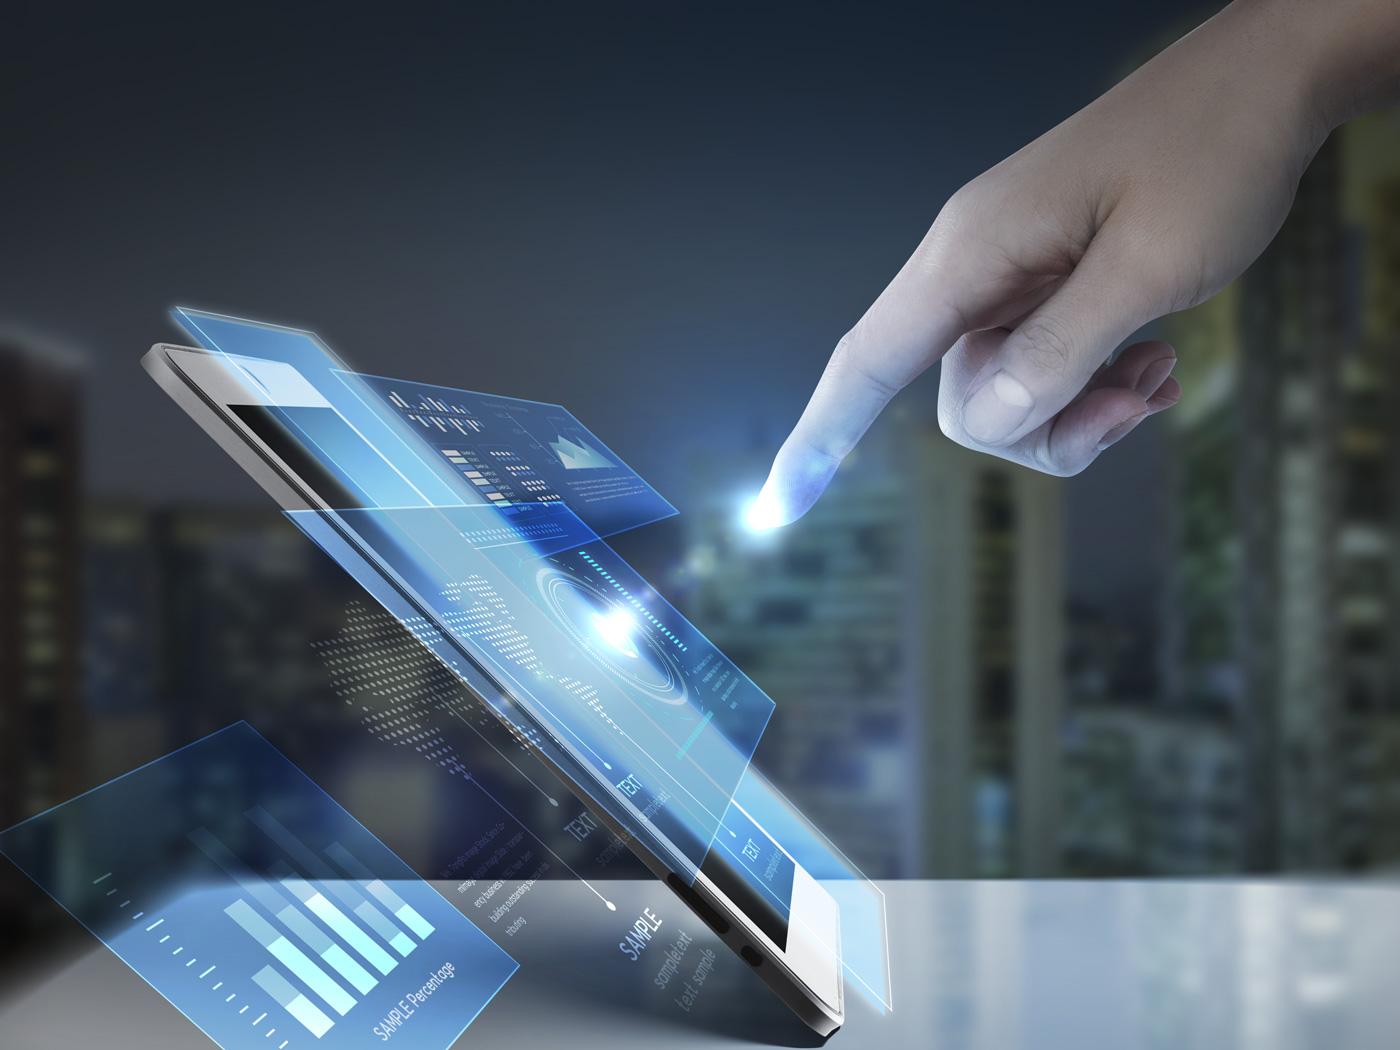 이노트리, ETL 업무 분산수행 가능한 미들웨어 특허 획득